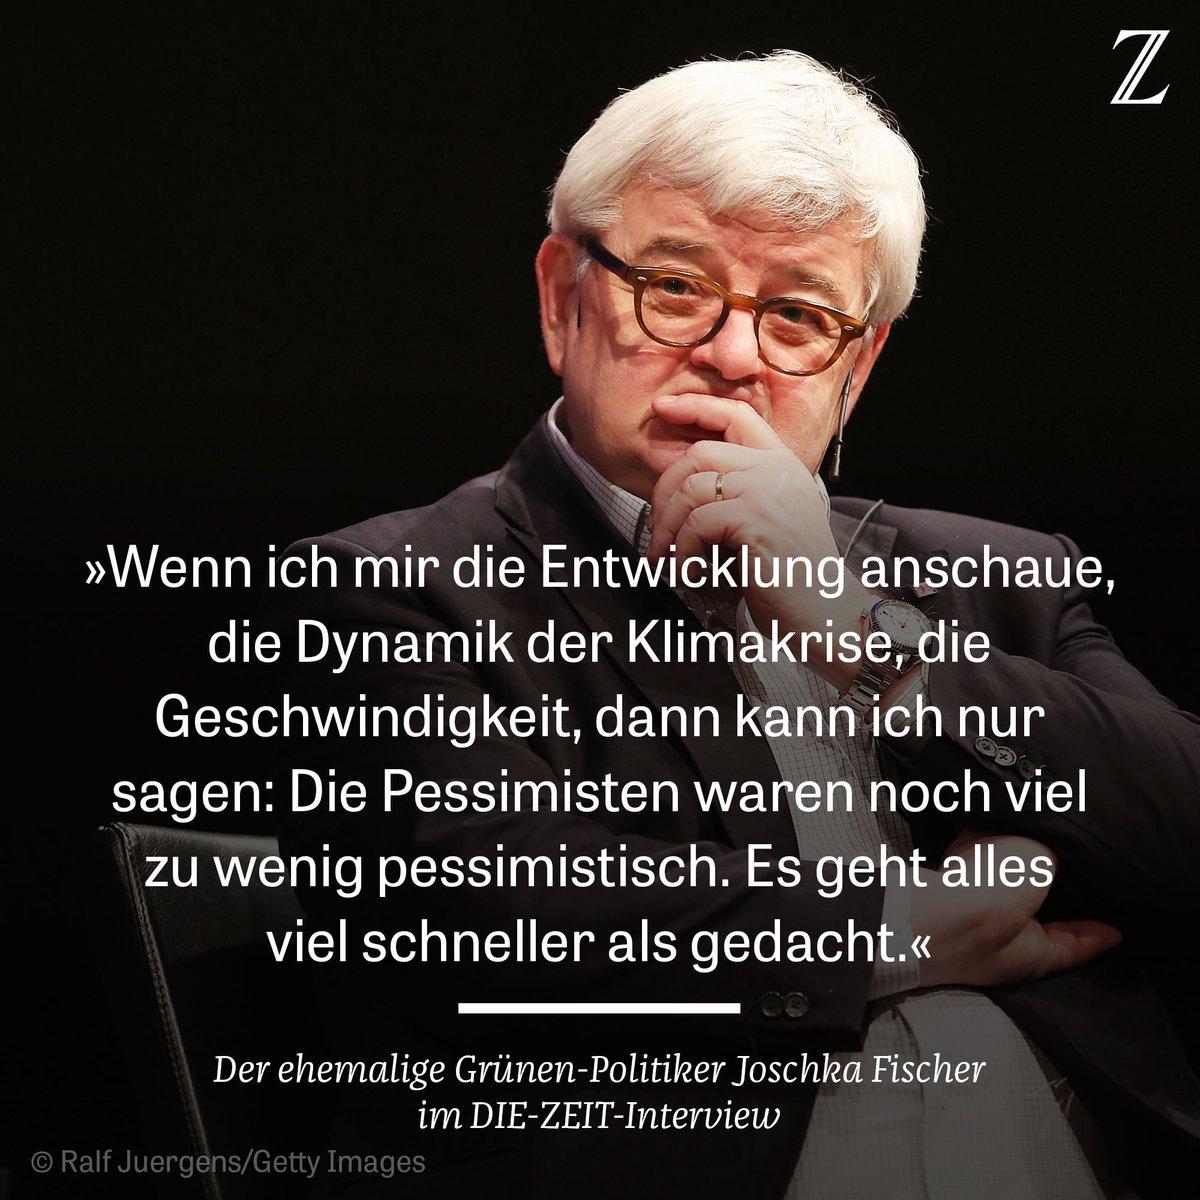 Wie radikal darf Politik sein? Ein Gespräch mit dem einstigen Straßenkämpfer und späteren Realo und Außenminister Joschka #Fischer: https://t.co/1DbKCC3qYd #Abo #red https://t.co/8i8QhN68gn